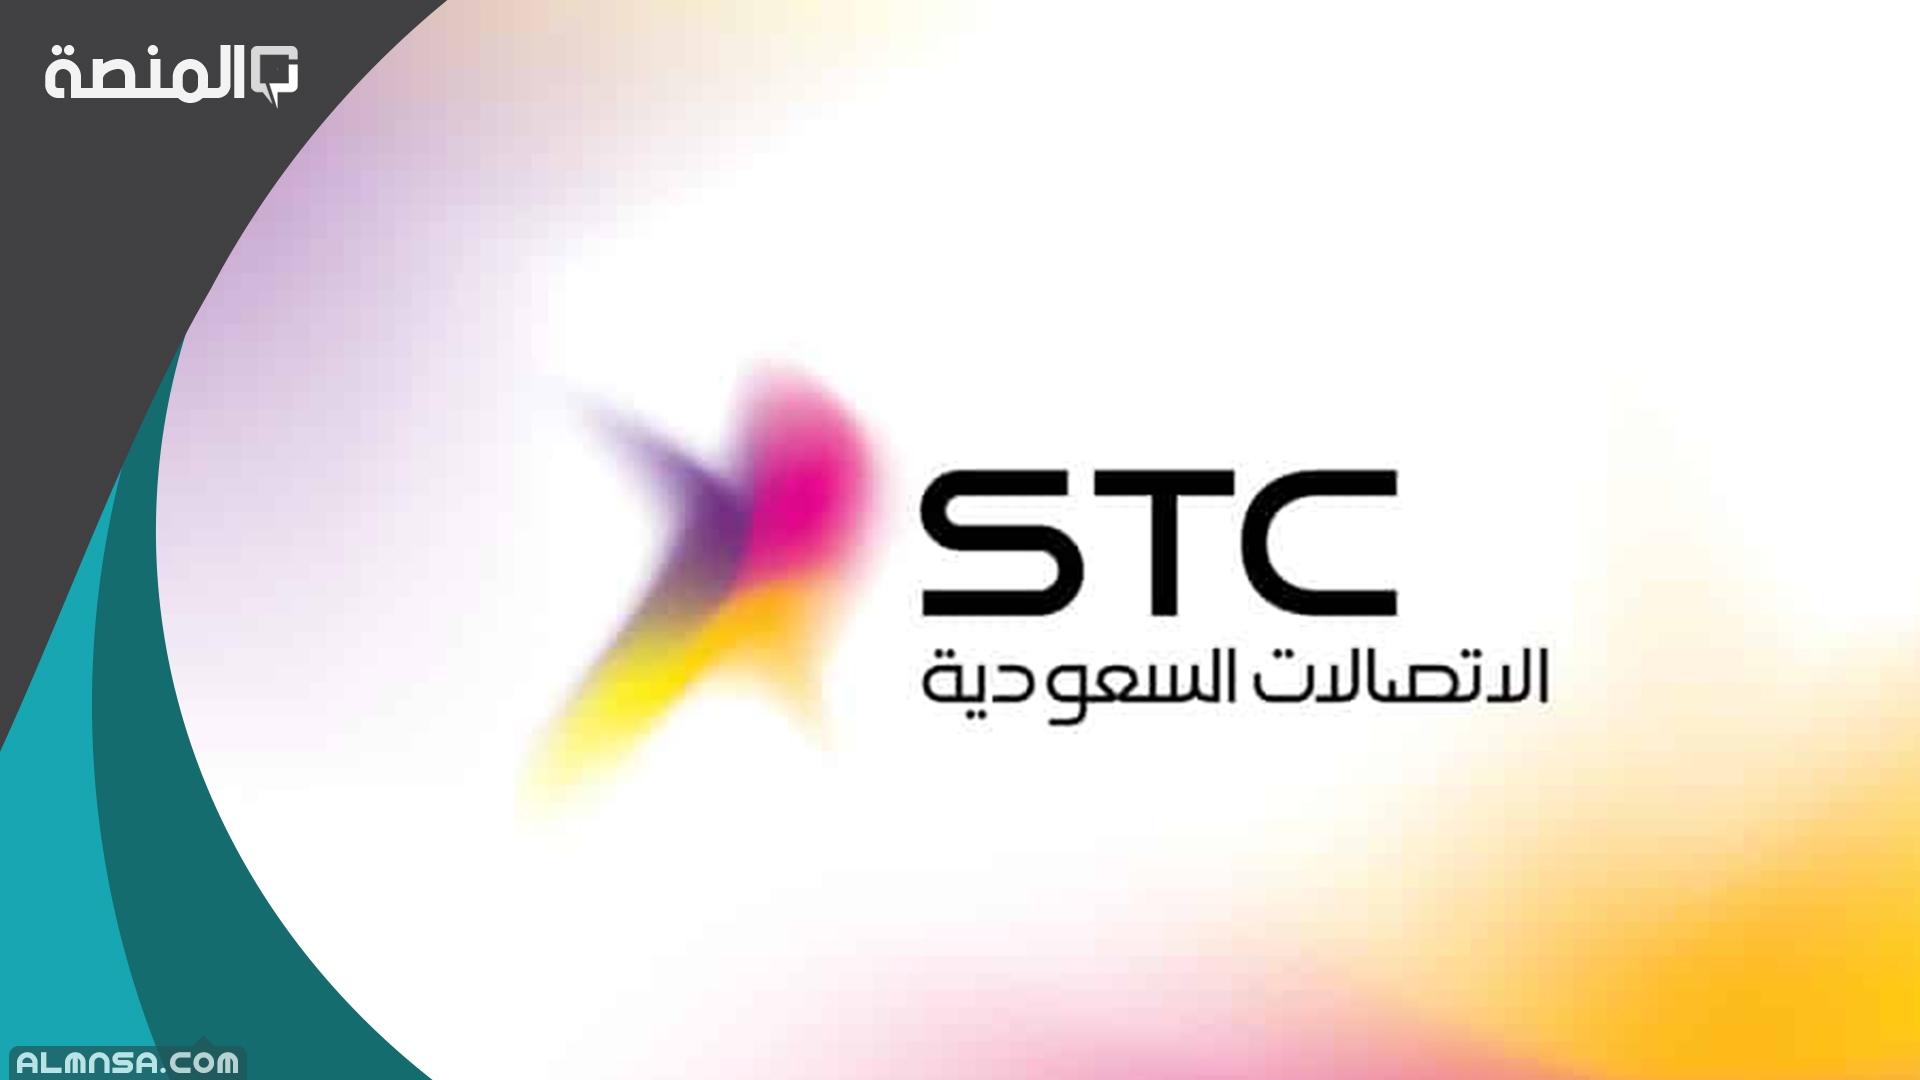 استفسار عن مديونية Stc